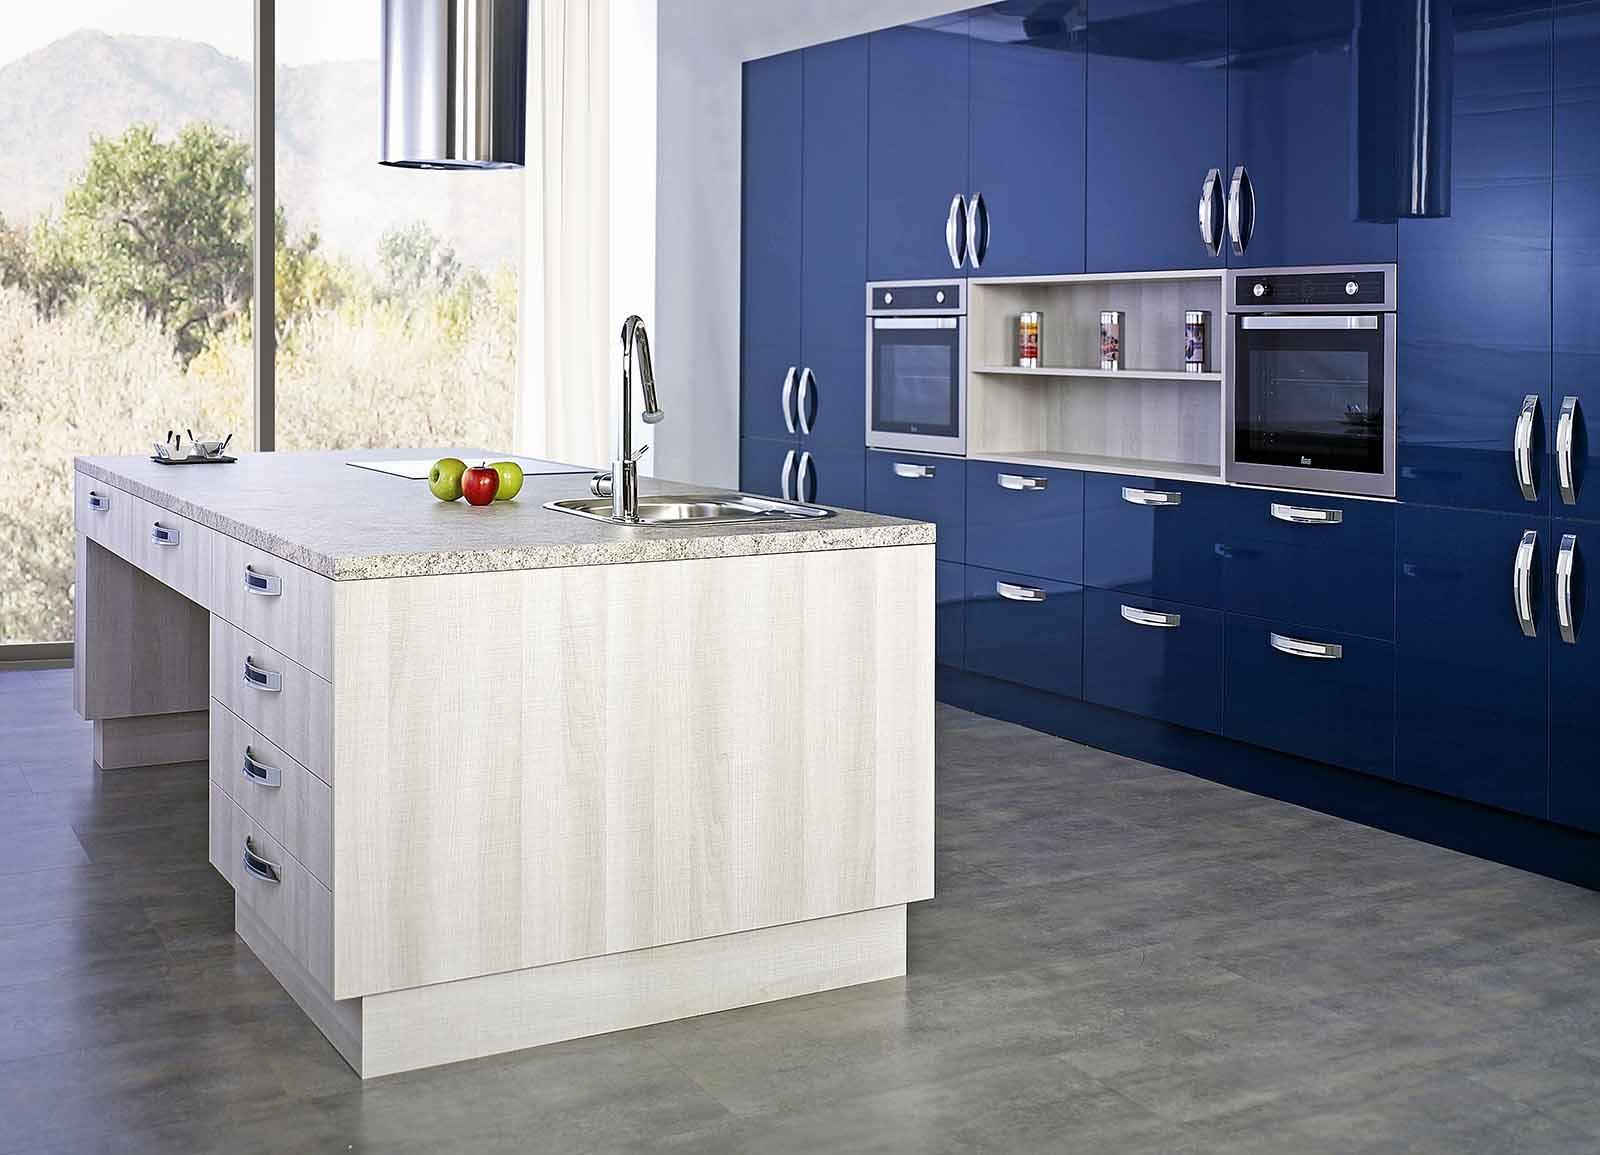 Cocina 10 cocinas capis dise o y fabricaci n de cocinas for Configurador cocinas